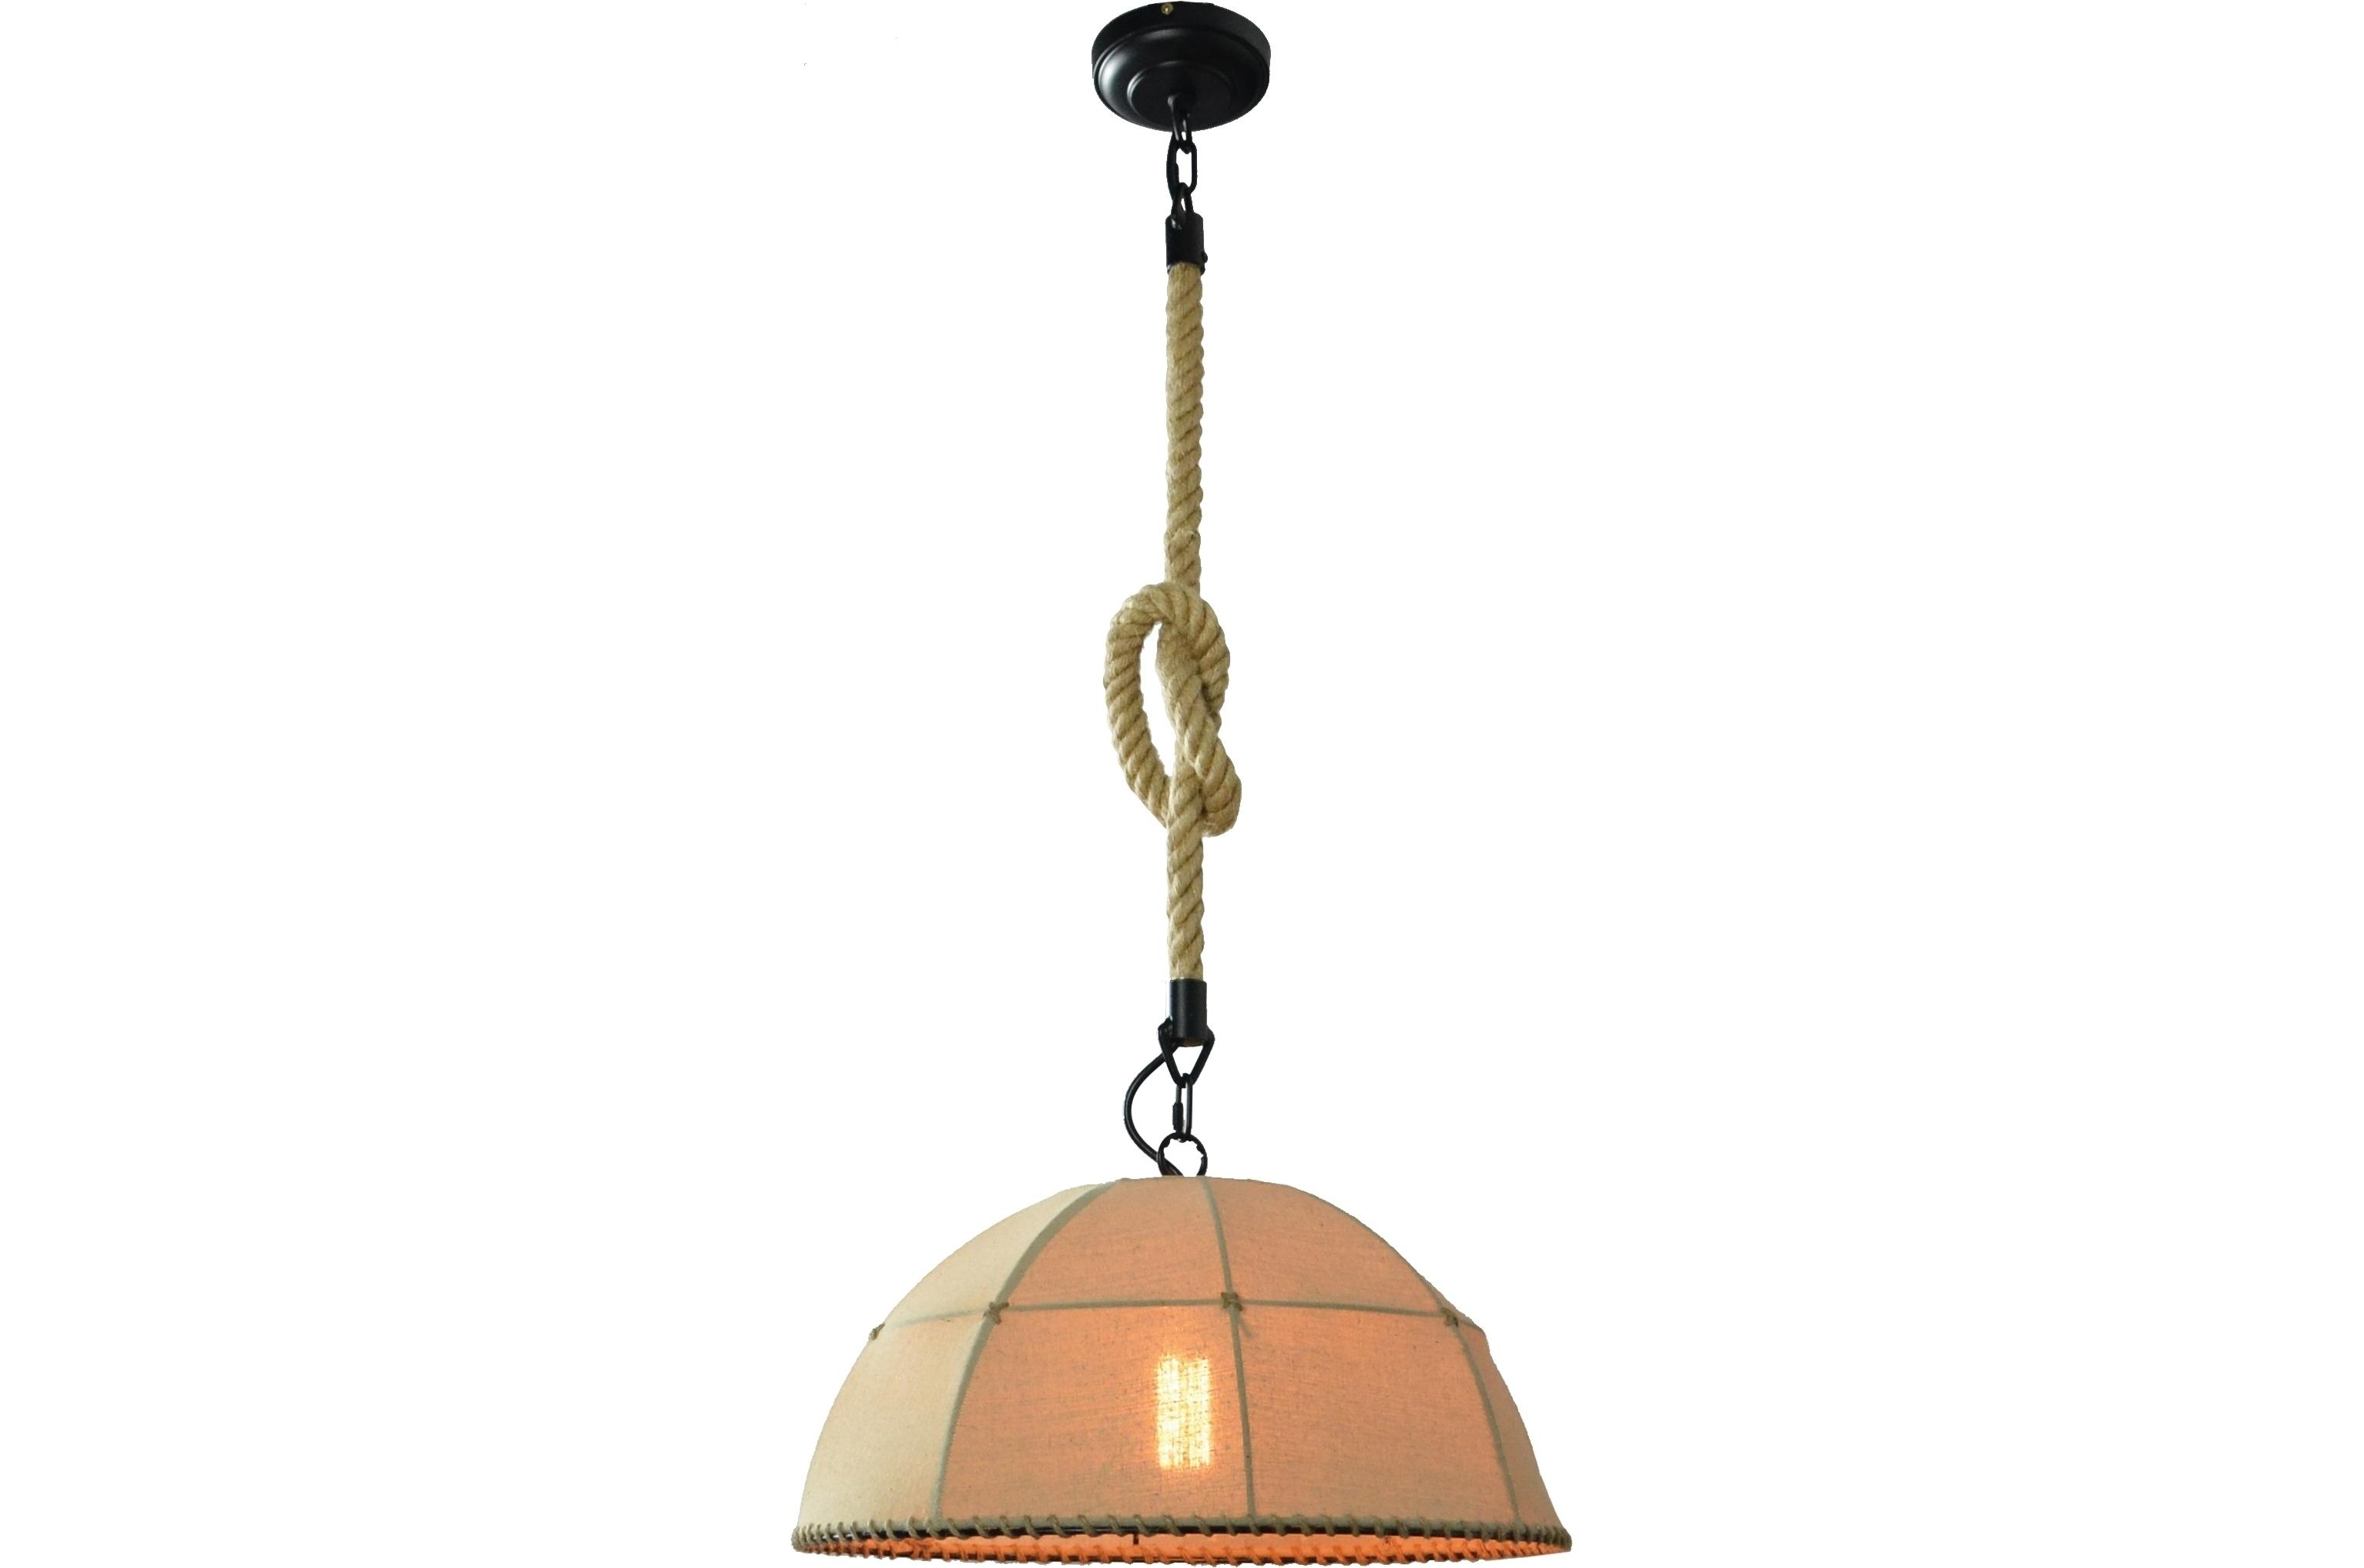 Подвесной светильникПодвесные светильники<br>&amp;lt;div&amp;gt;Цоколь: E27&amp;lt;/div&amp;gt;&amp;lt;div&amp;gt;Мощность ламп: 60W&amp;lt;/div&amp;gt;&amp;lt;div&amp;gt;Количество лампочек: 1&amp;lt;/div&amp;gt;<br><br>Material: Текстиль<br>Высота см: 120